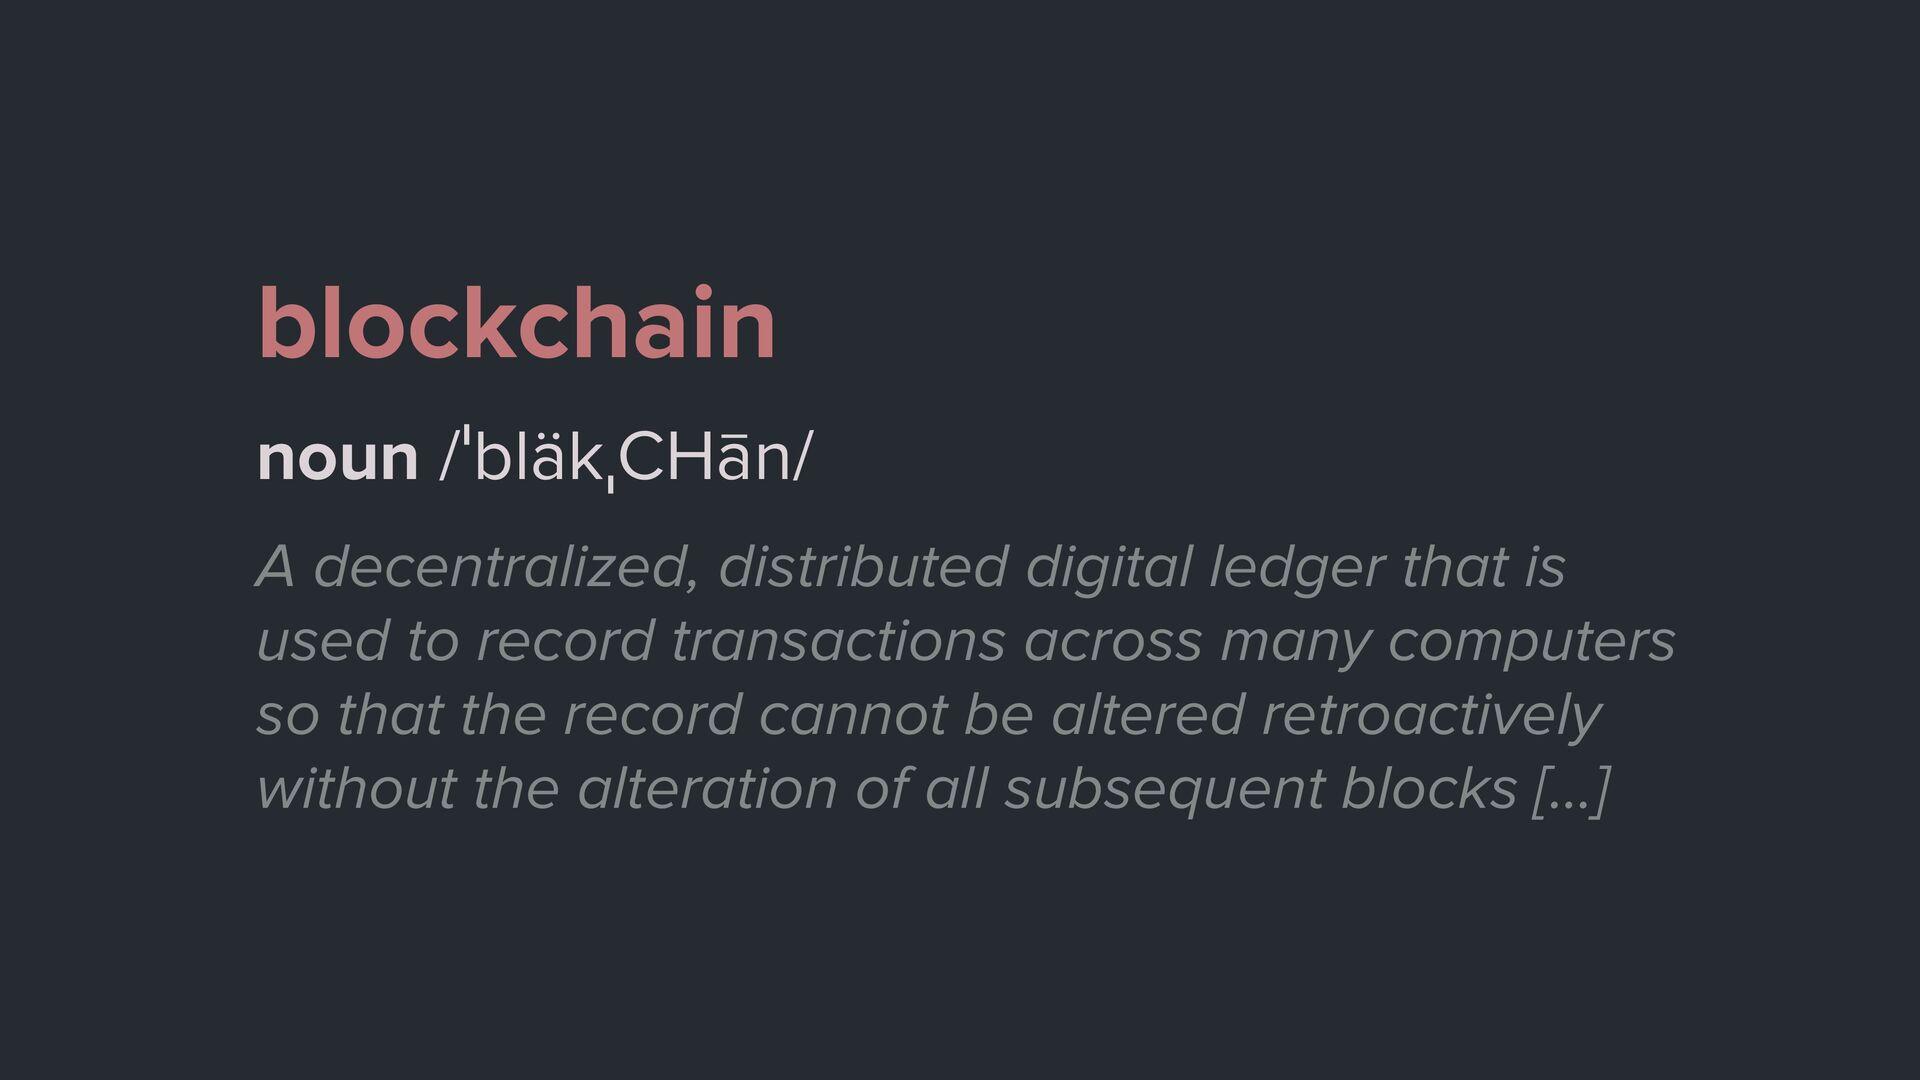 blockchain noun /ˈbläkˌCHān/ A decentralized, d...